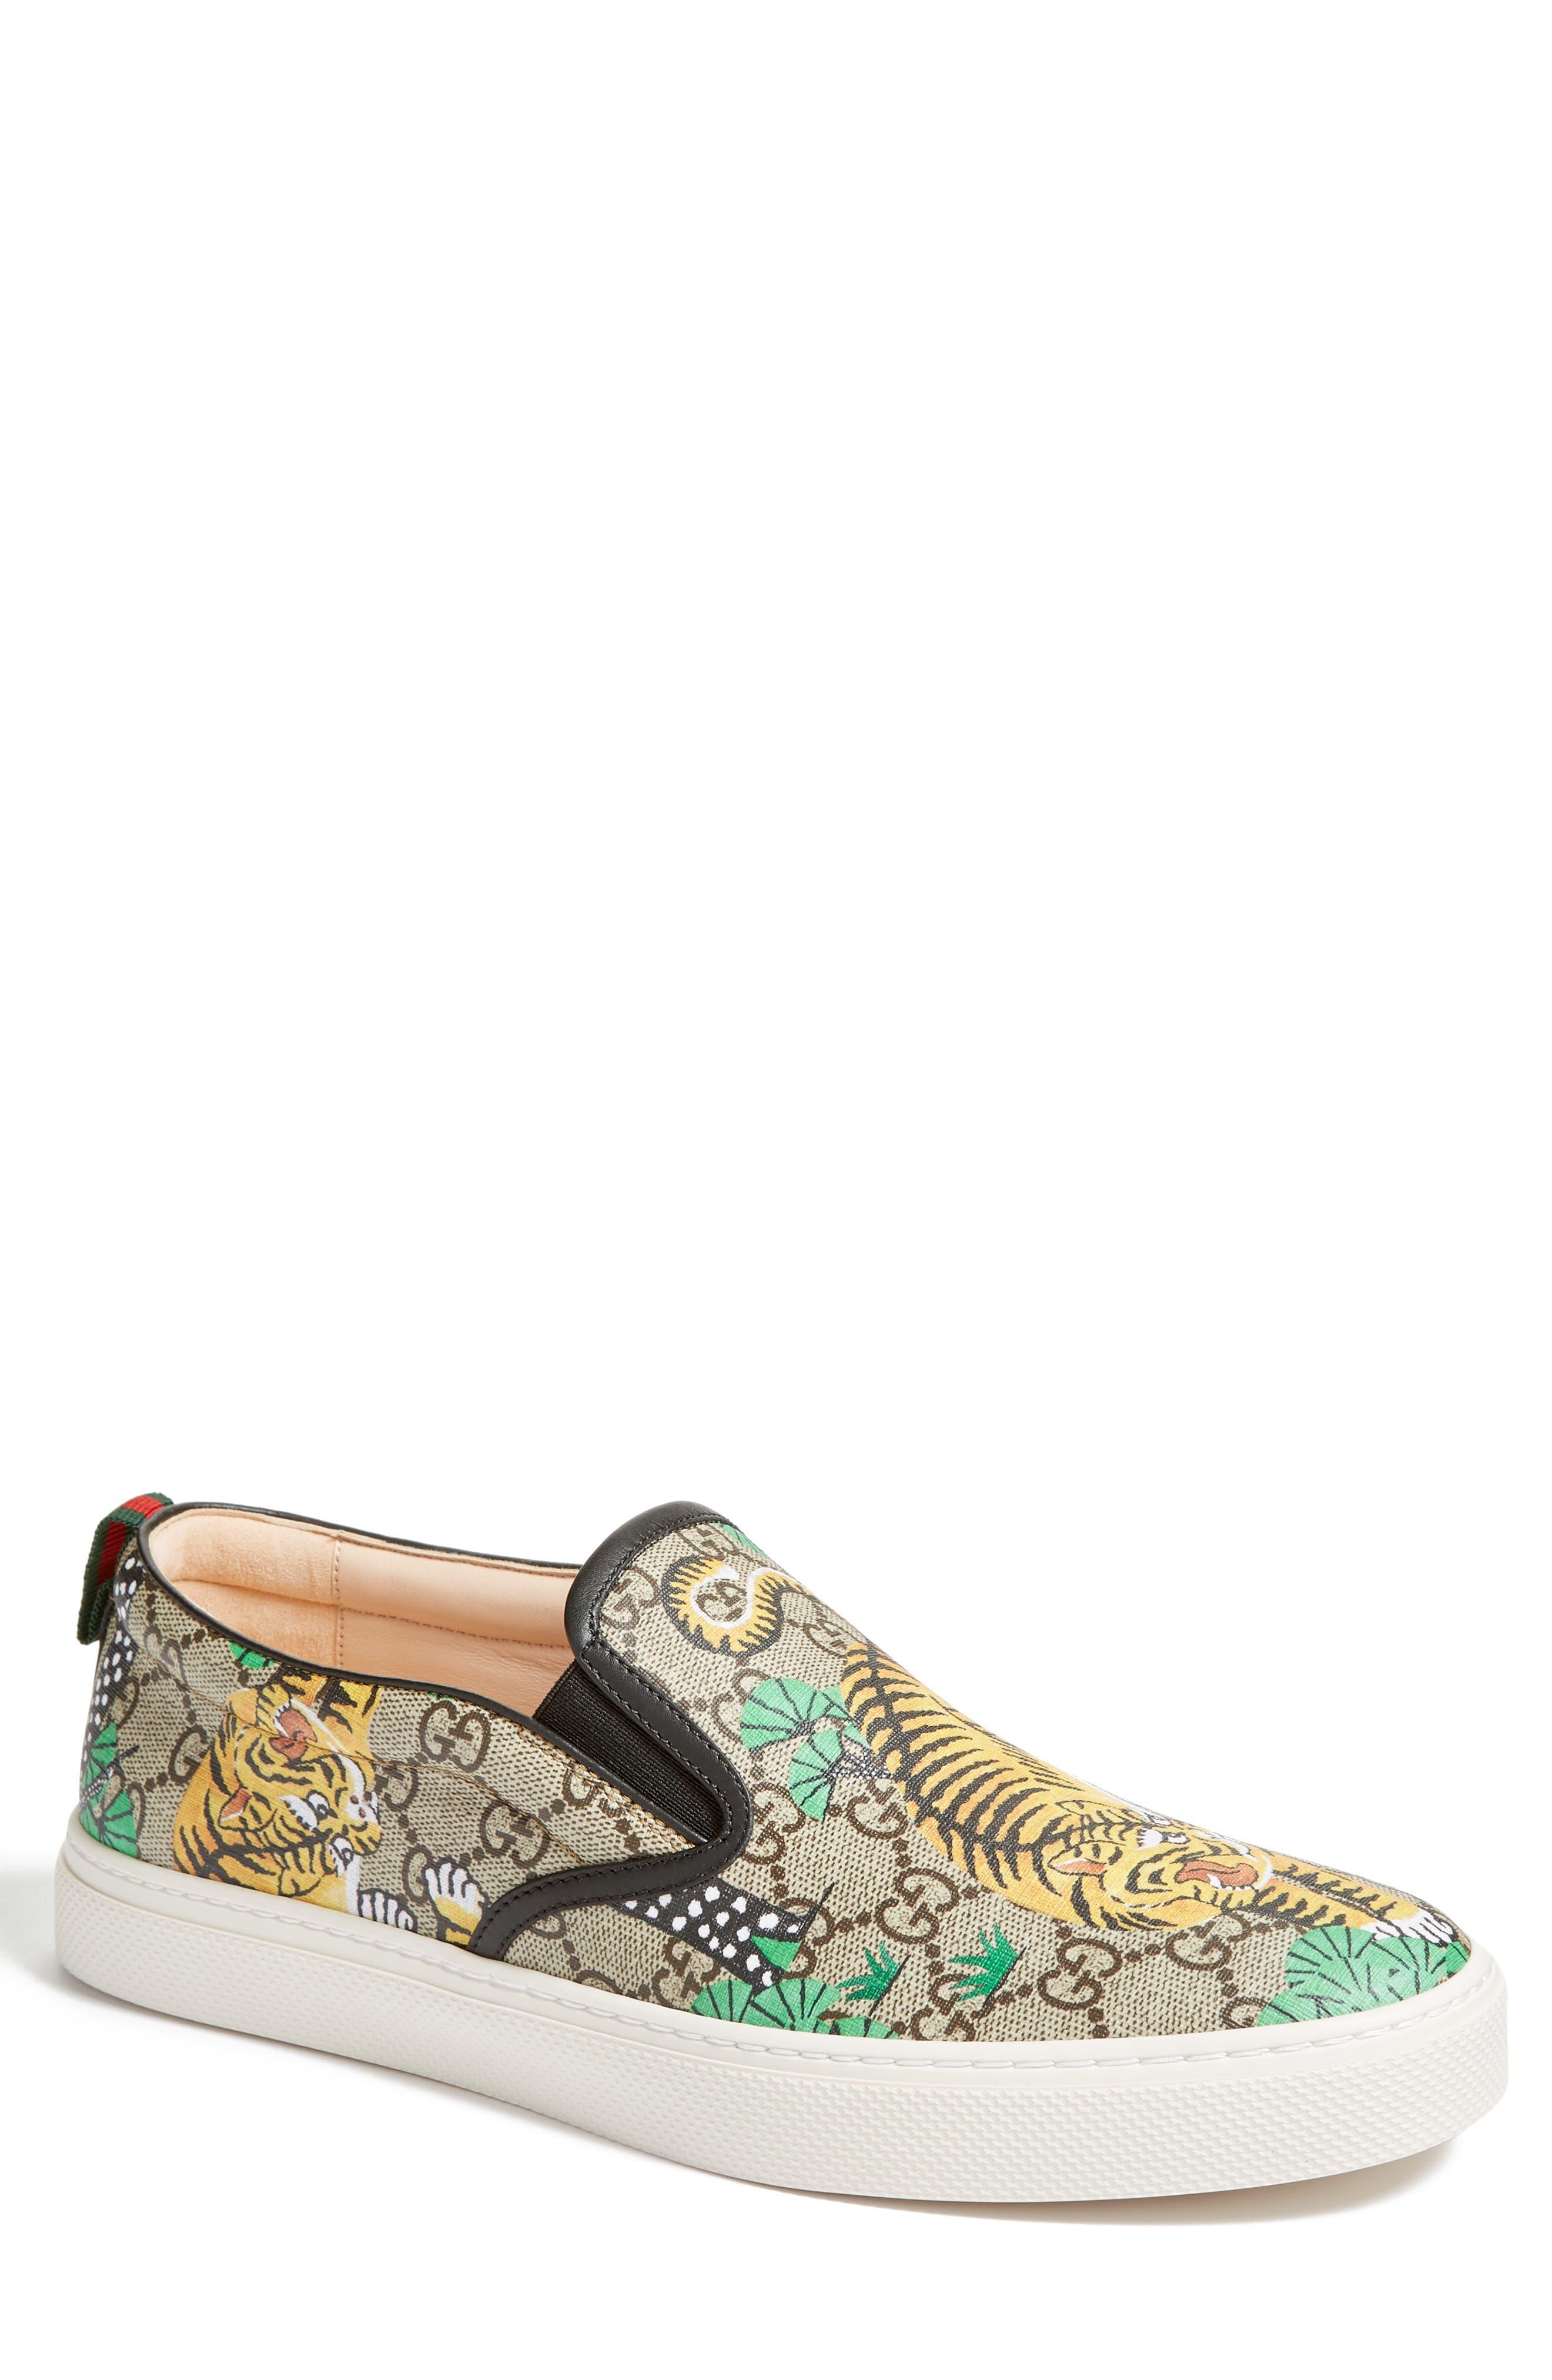 Dublin Slip-On Sneaker,                             Alternate thumbnail 19, color,